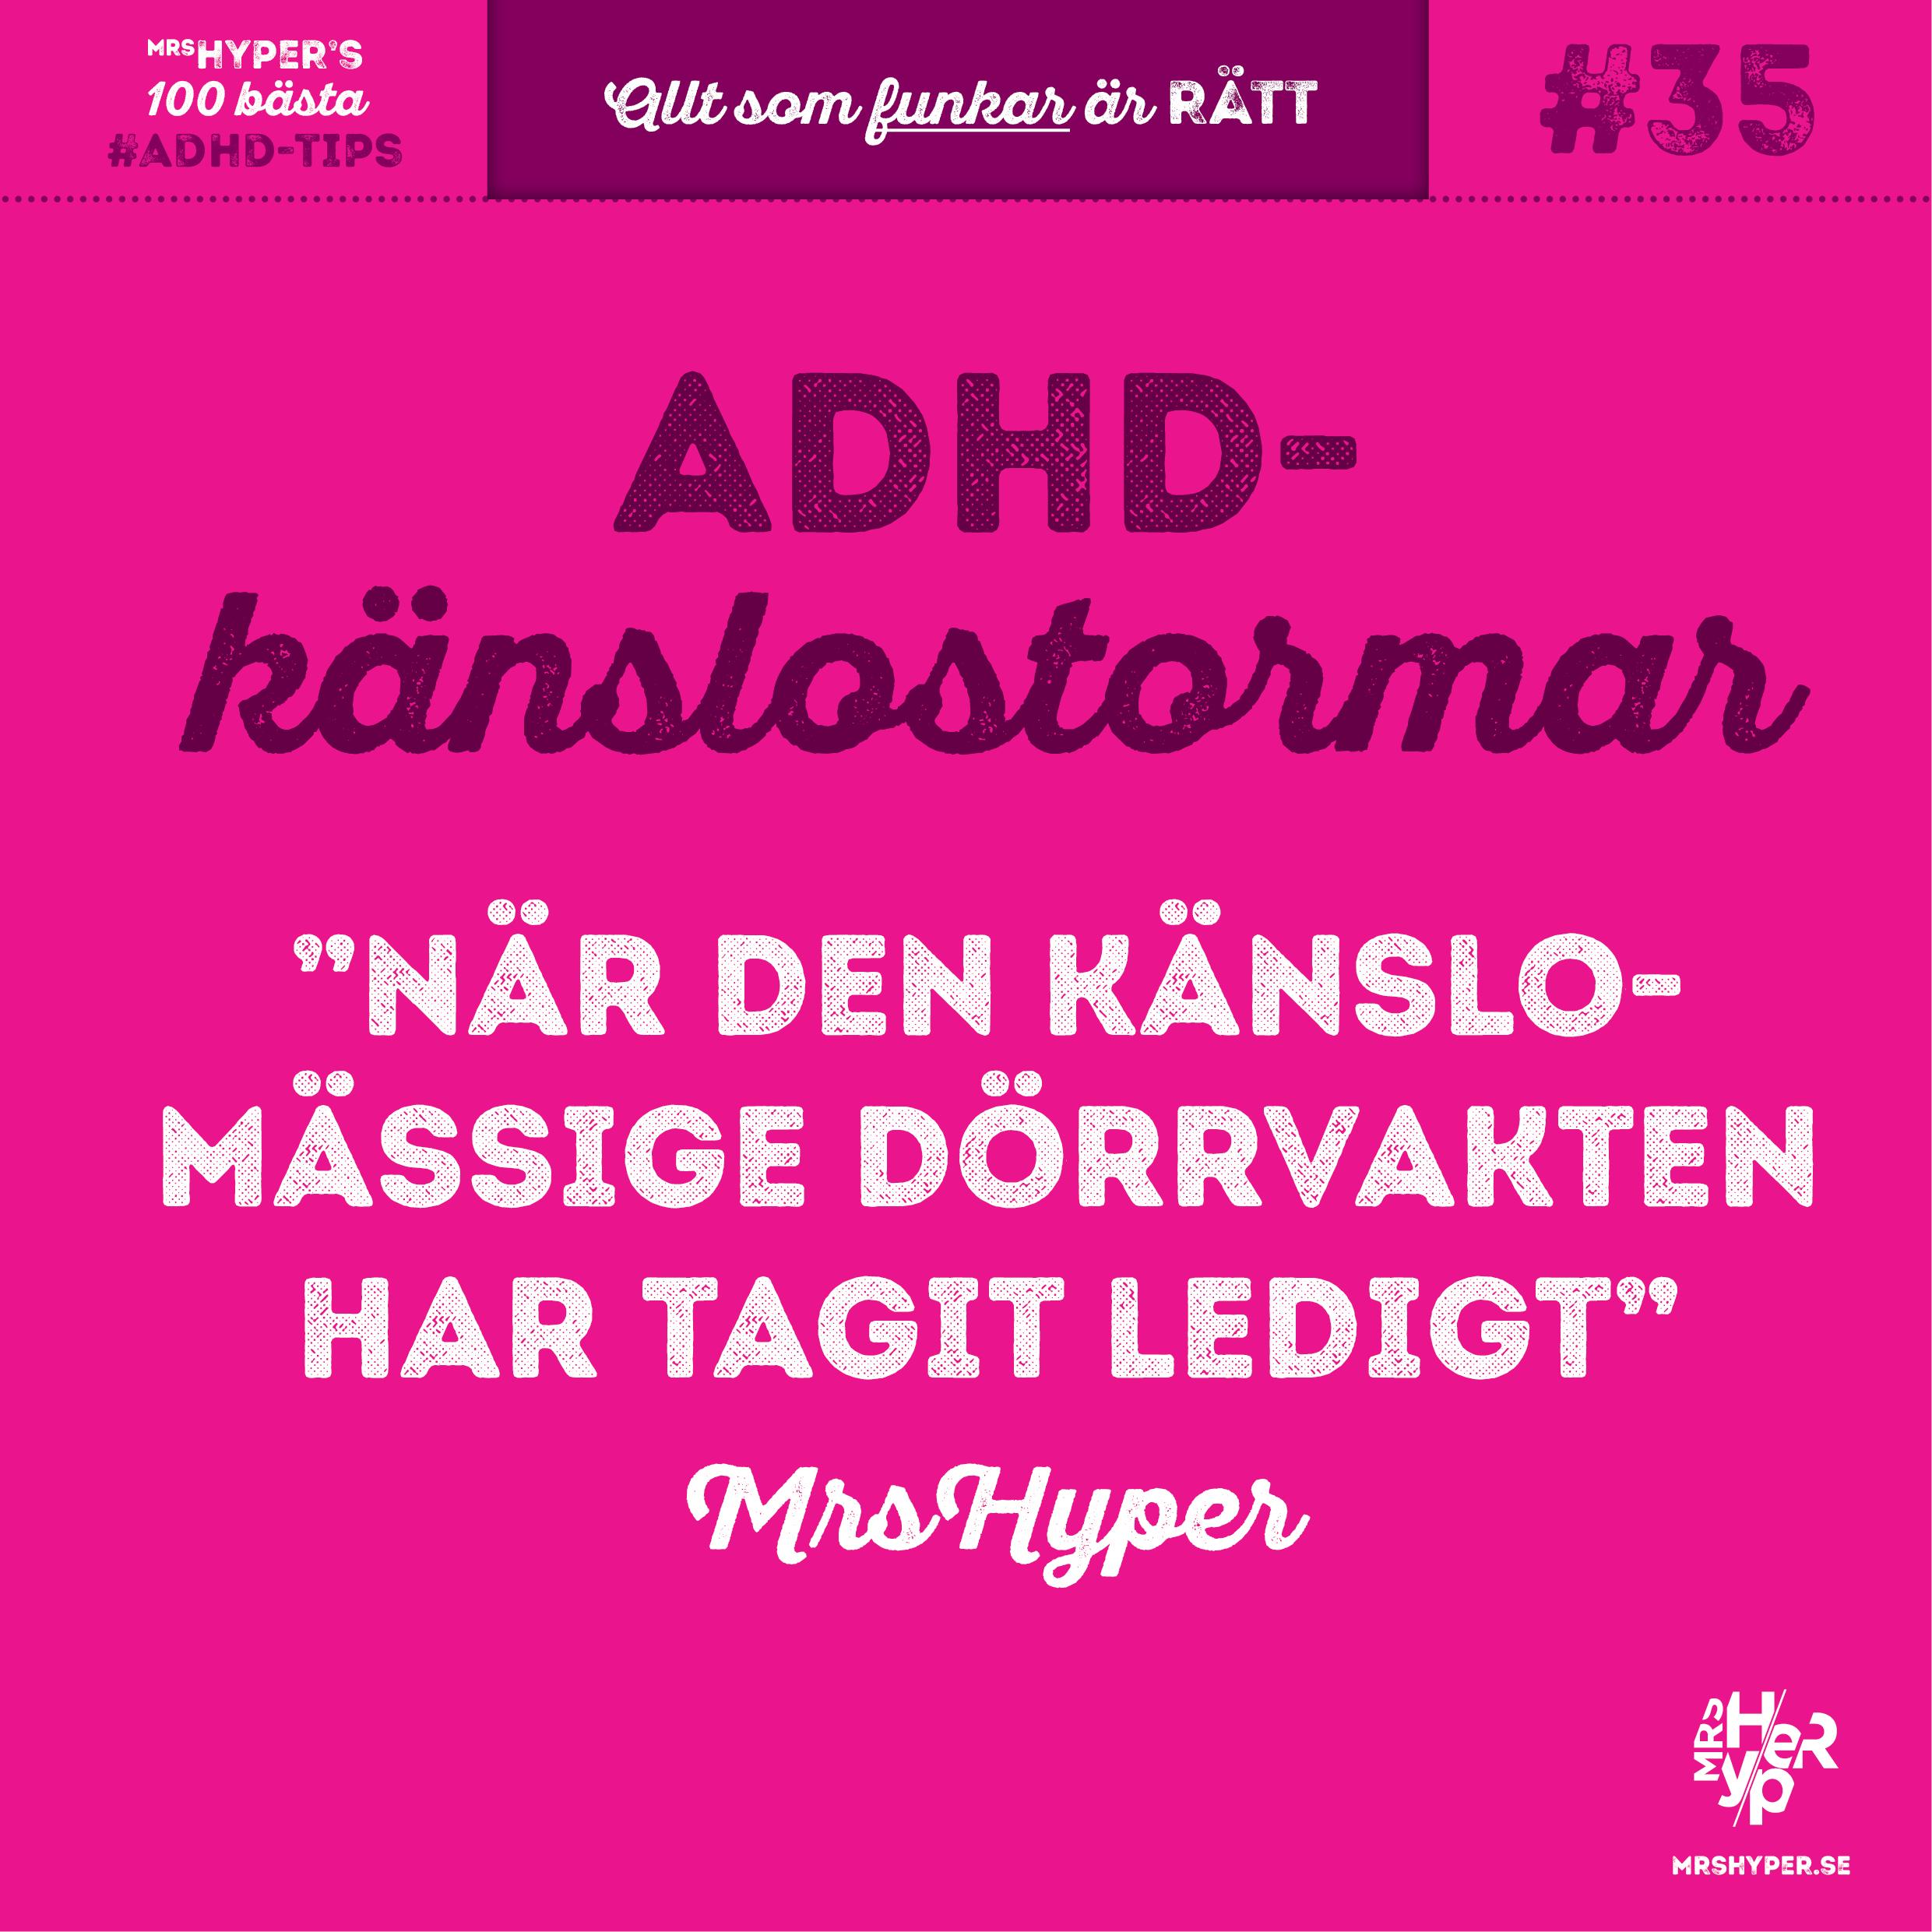 ADHD-tips #35. När den känslomässige dörrvakten har tagit ledigt.